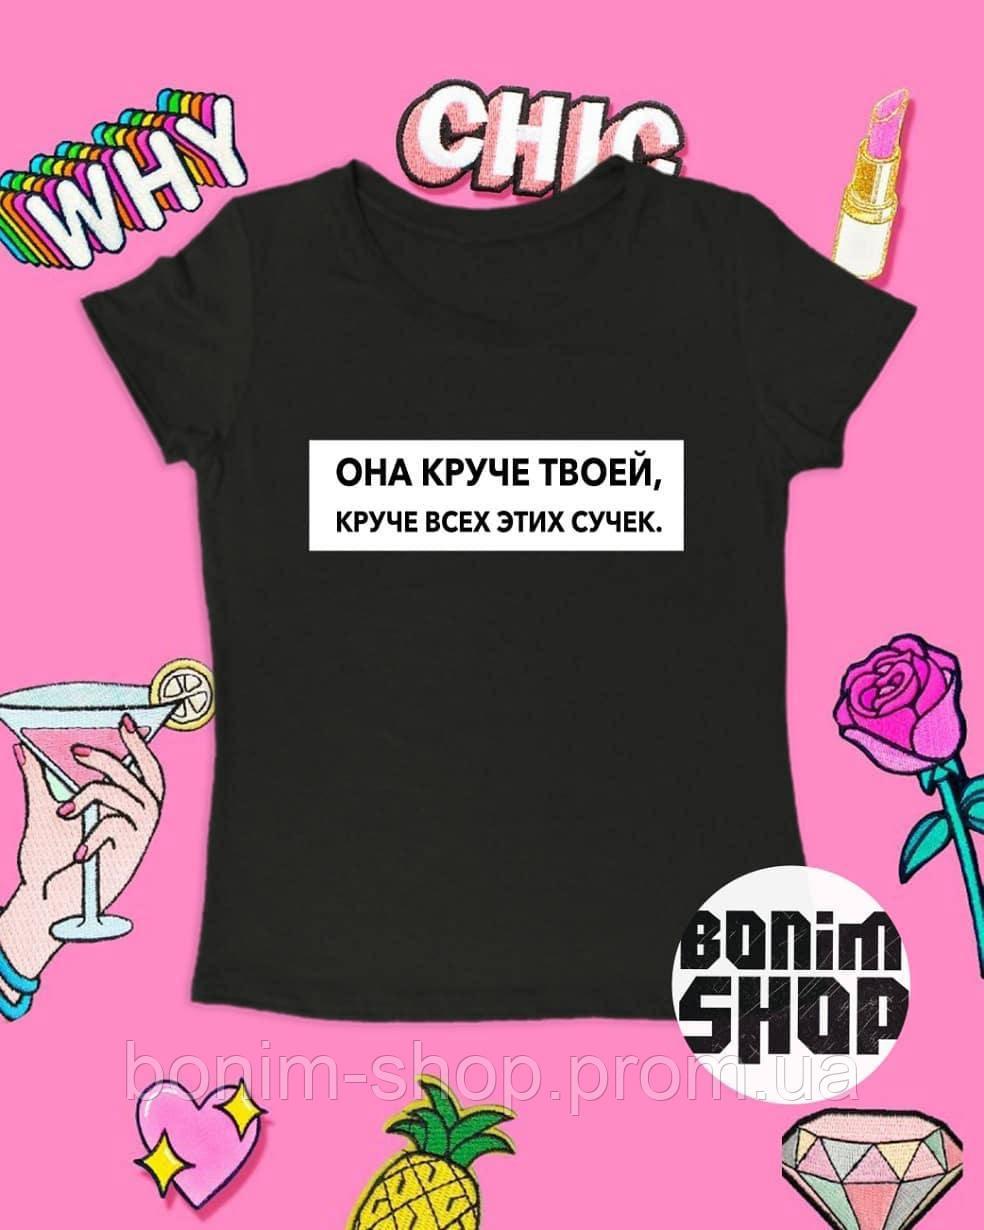 Черная женская футболка с принтом Она круче твоей, круче всех этих сучек